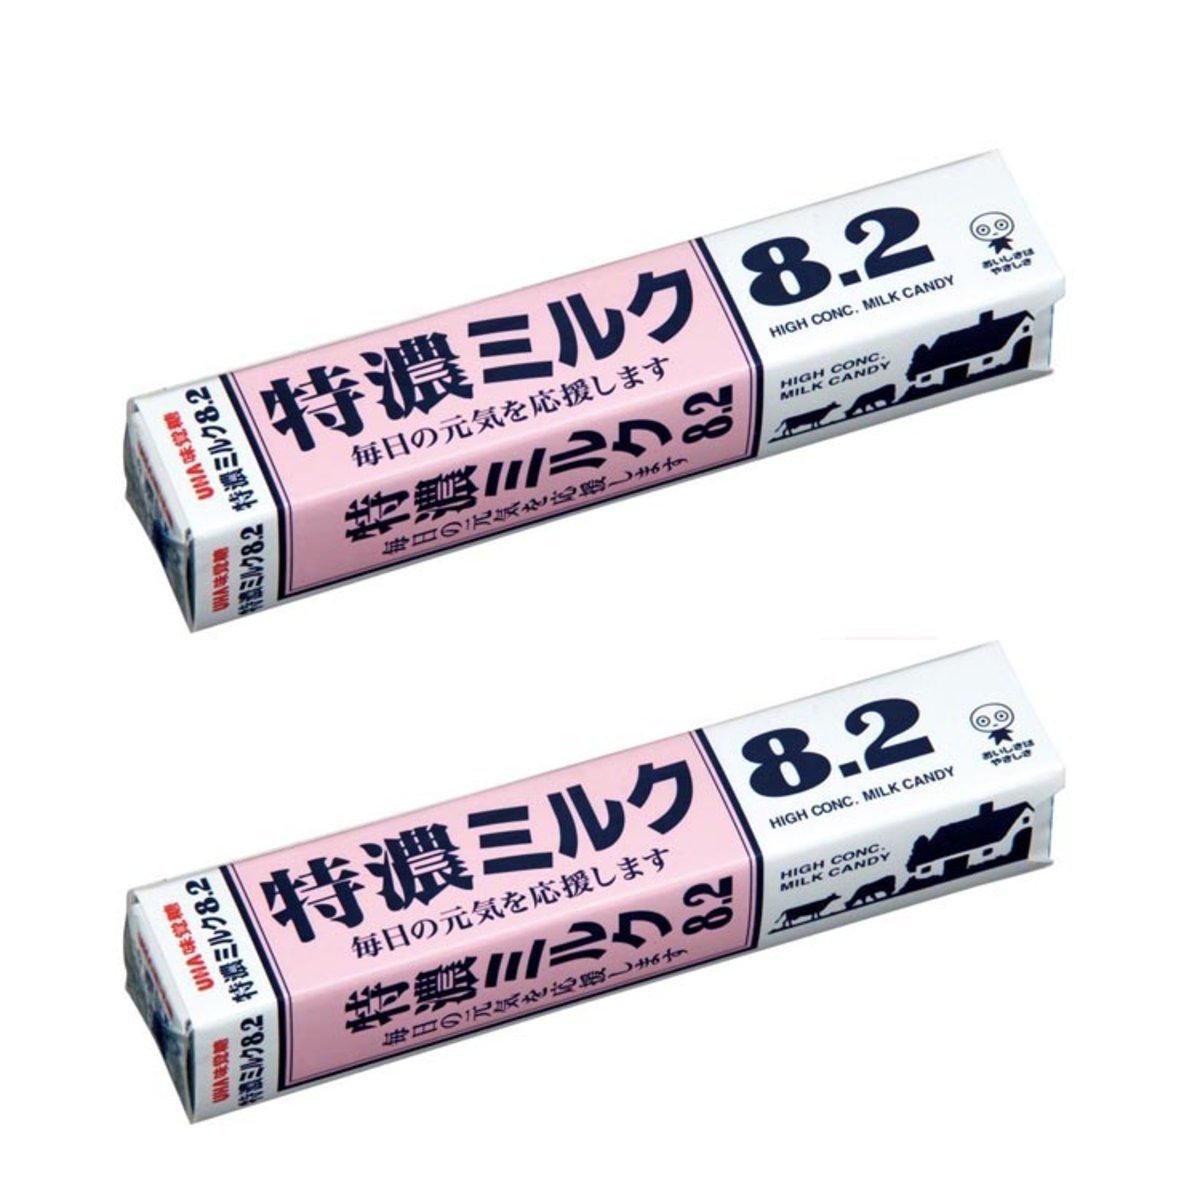 條庄8.2特濃牛奶糖 x2